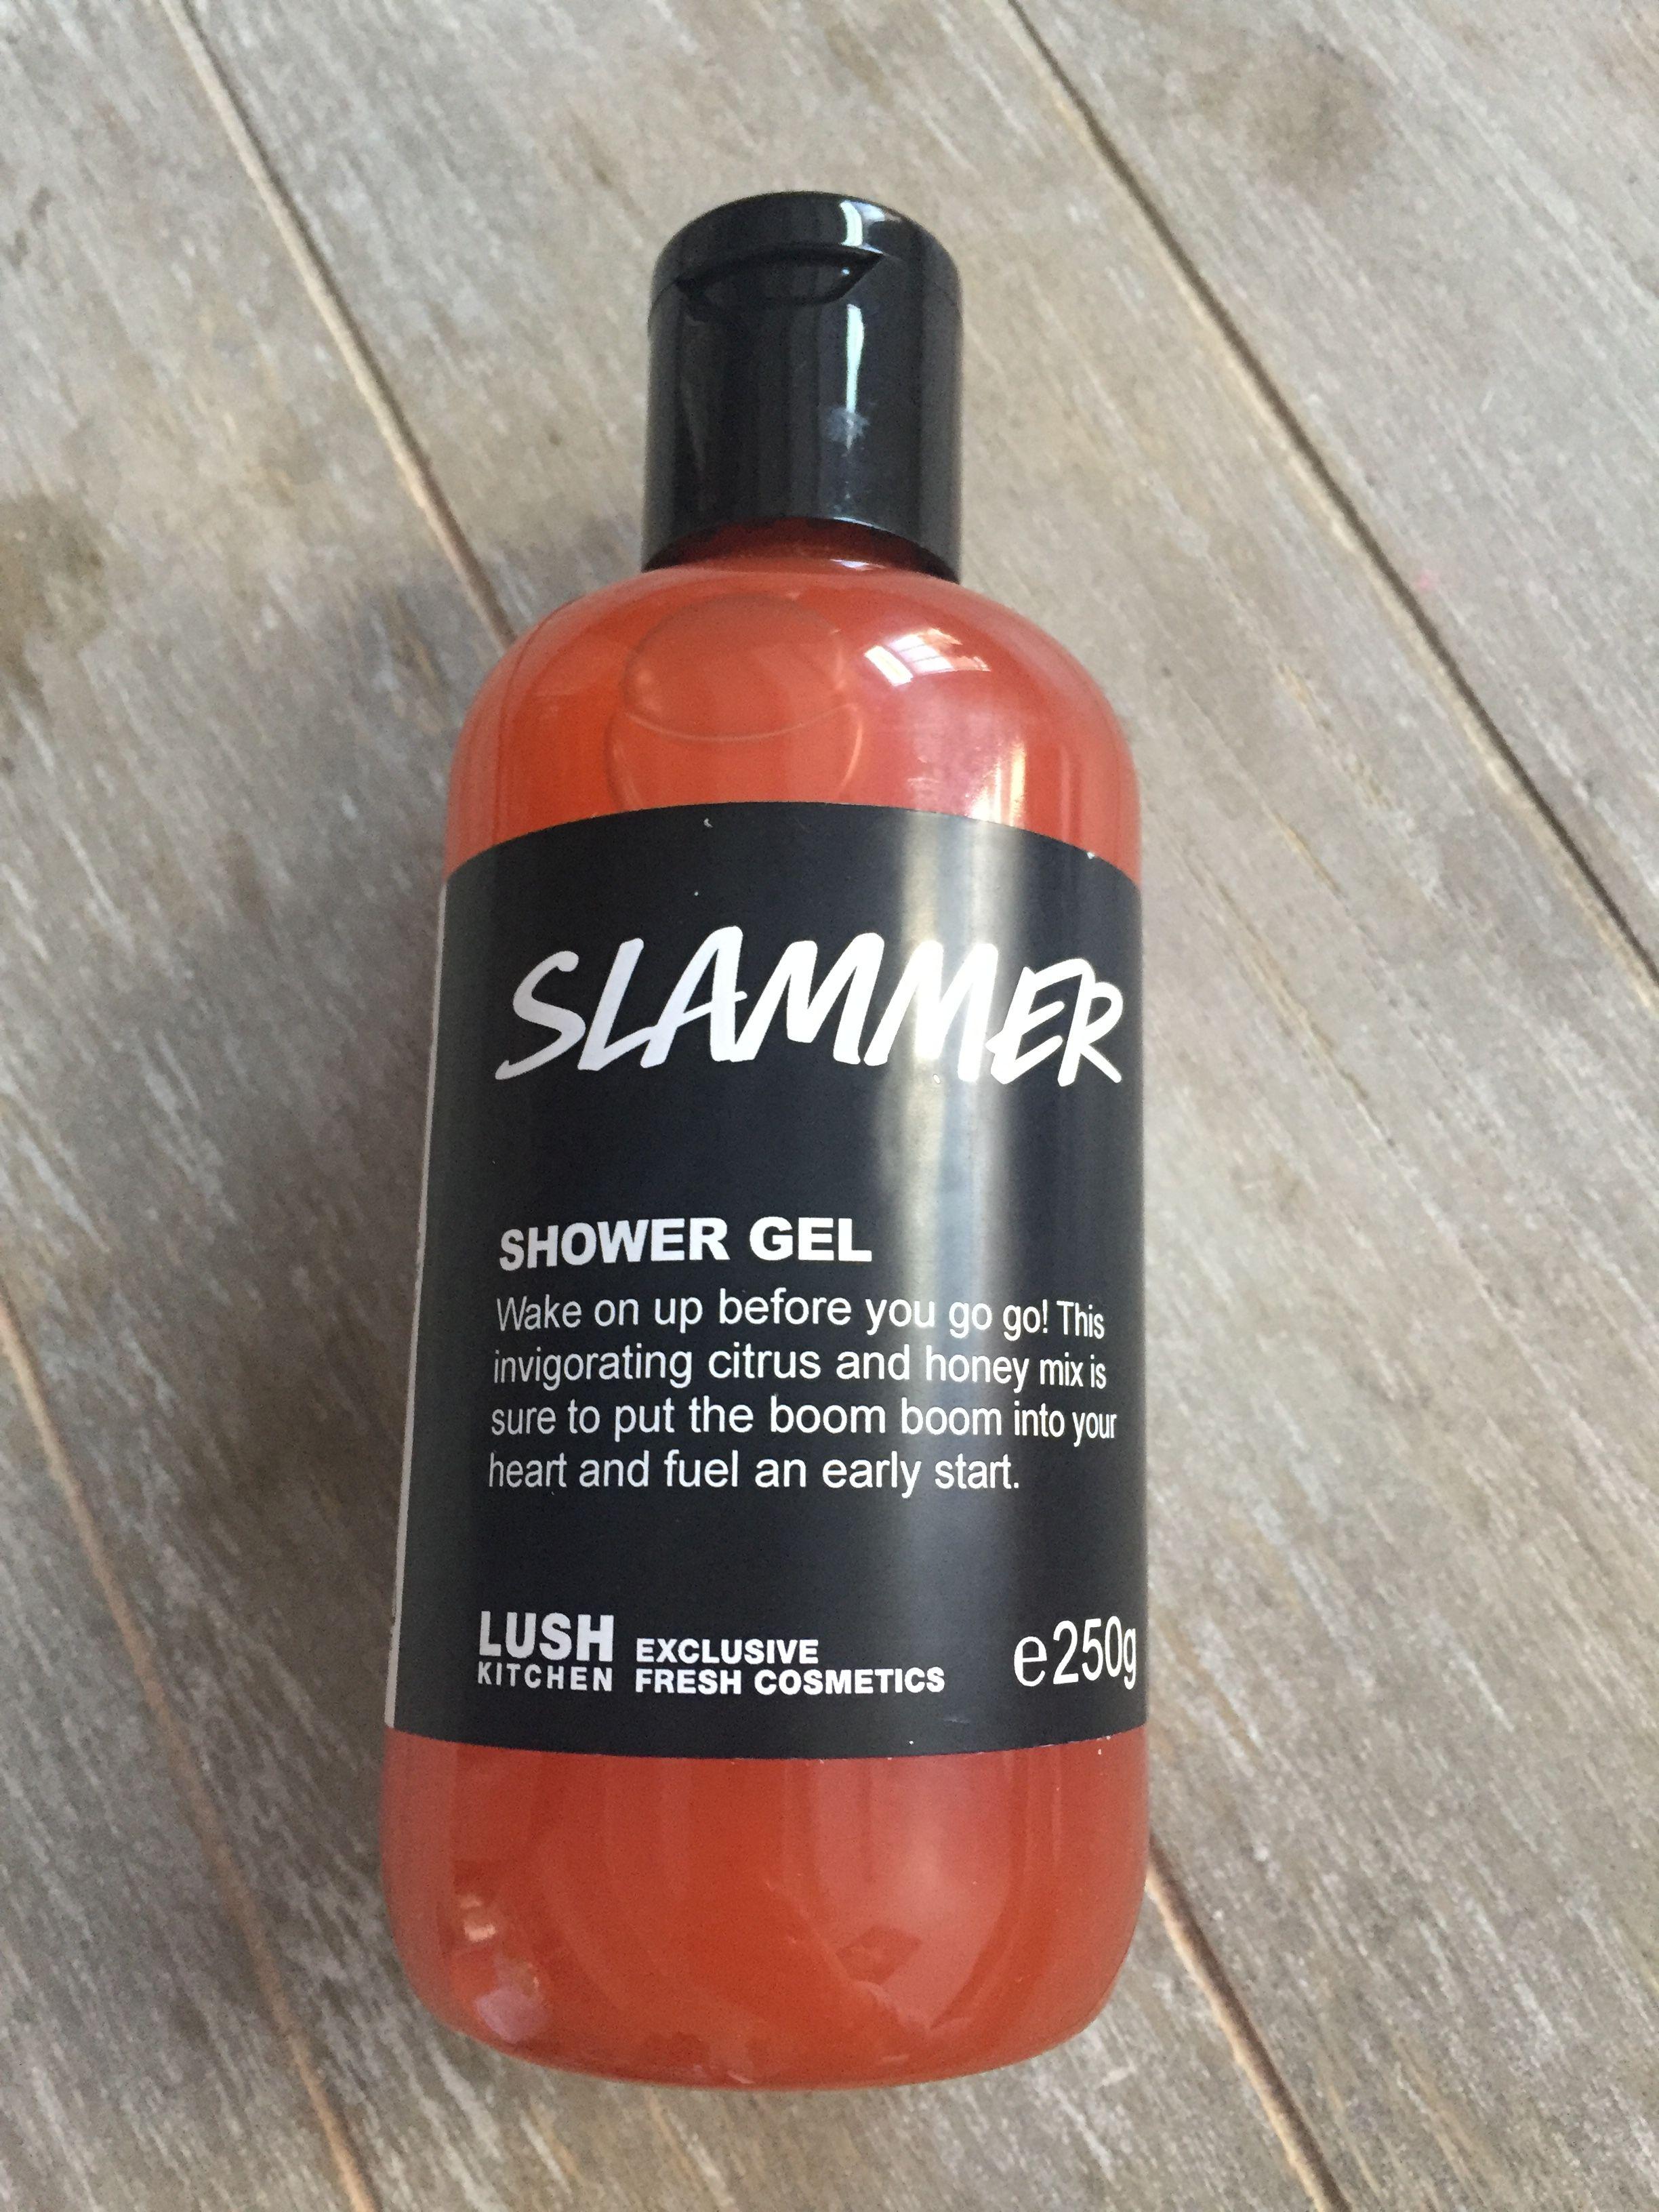 Slammer showergel lush kitchen exclusive   Lush shower gel ...